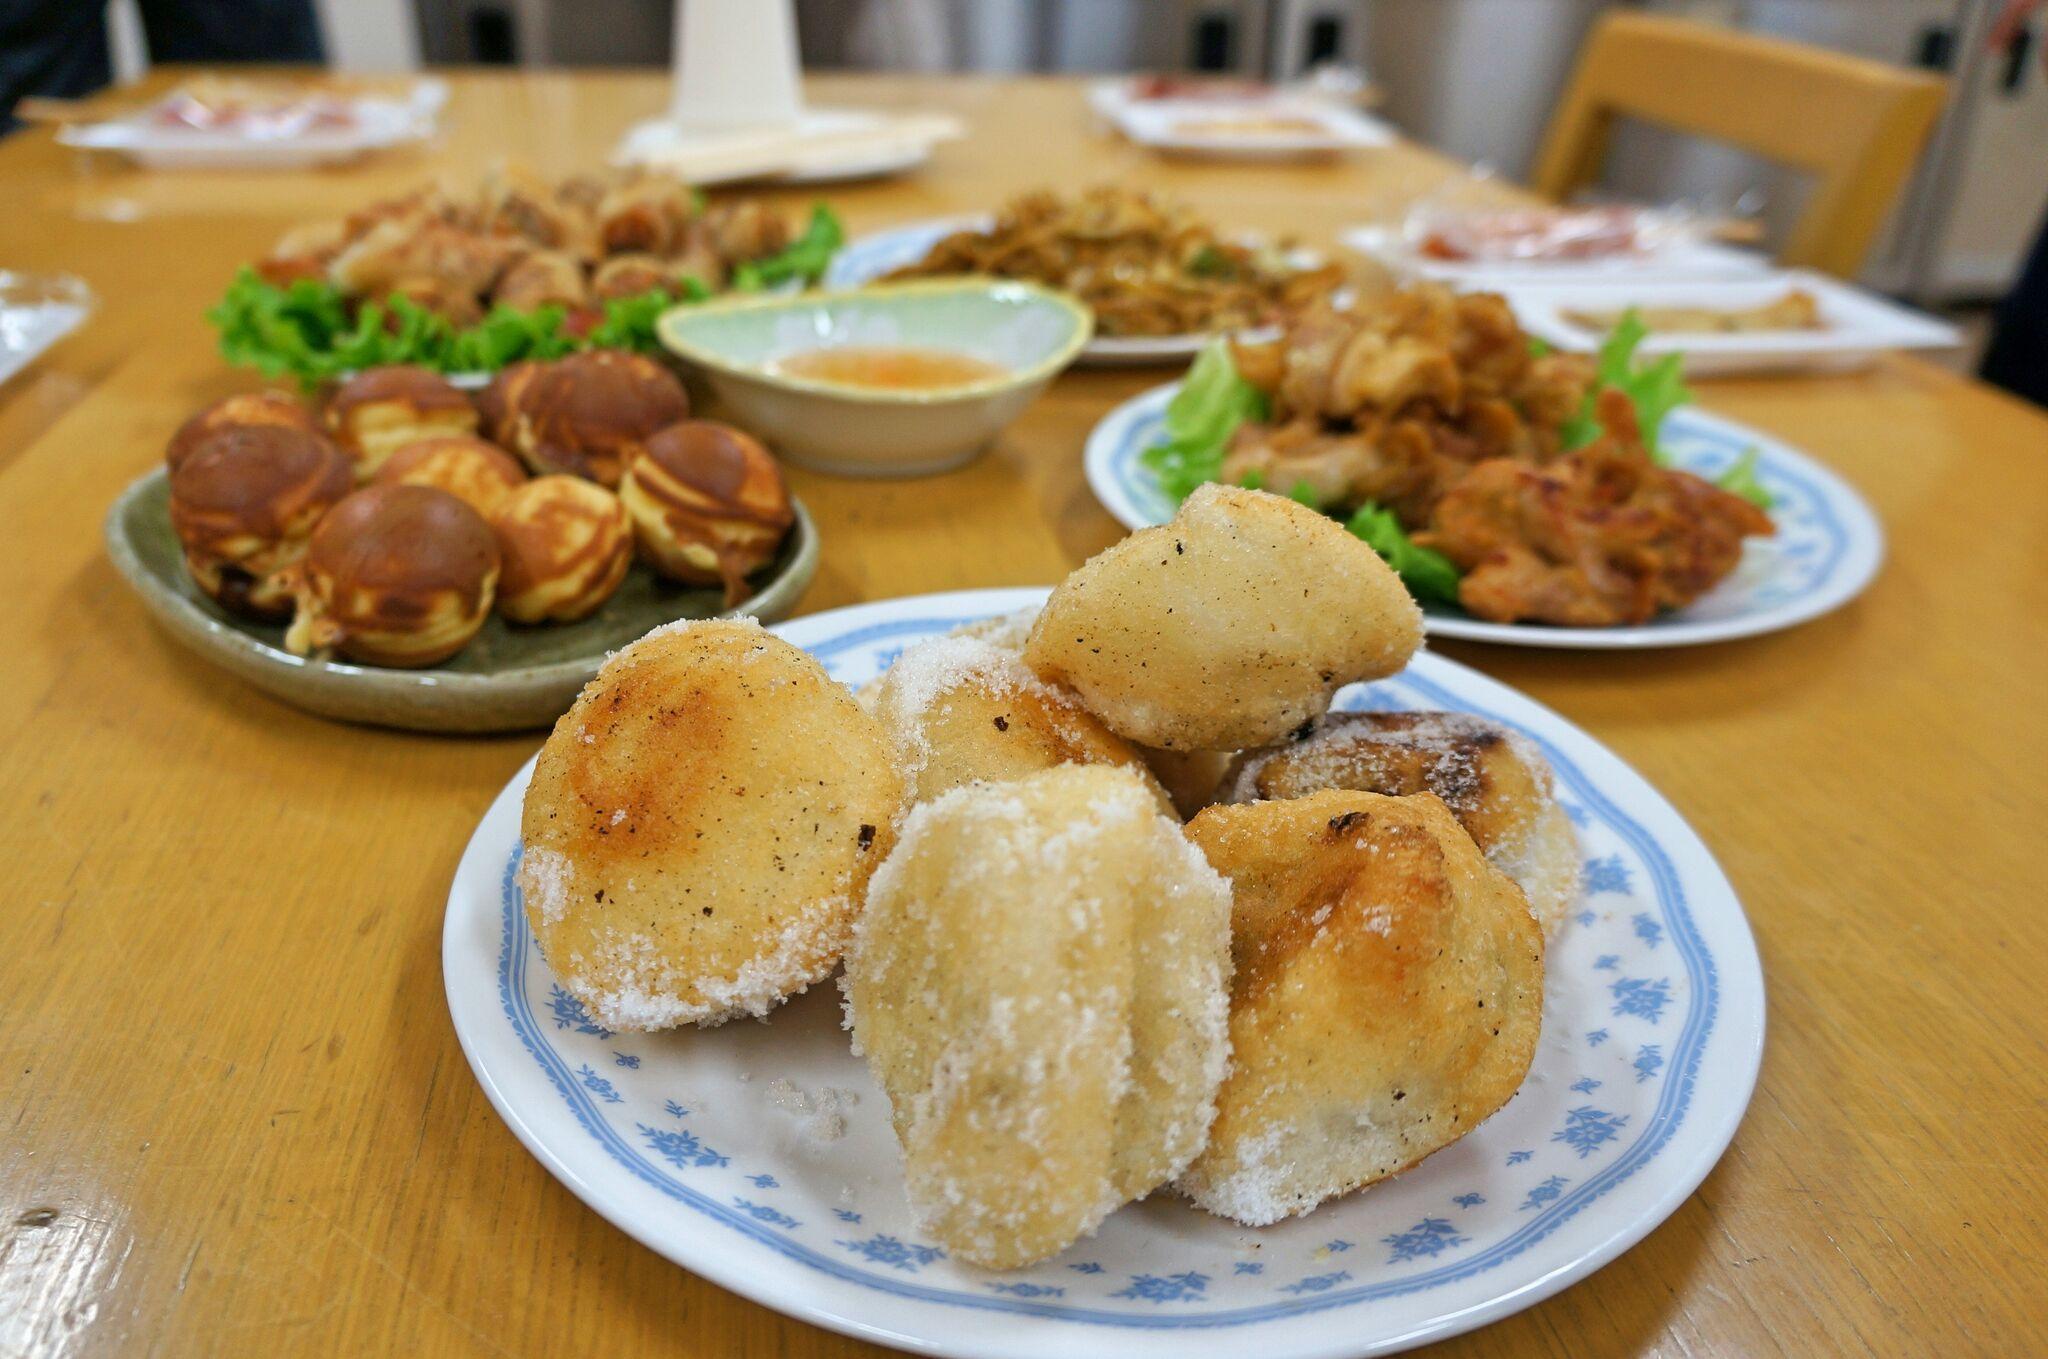 日曜朝教室で料理をしました_e0175020_09351943.jpeg